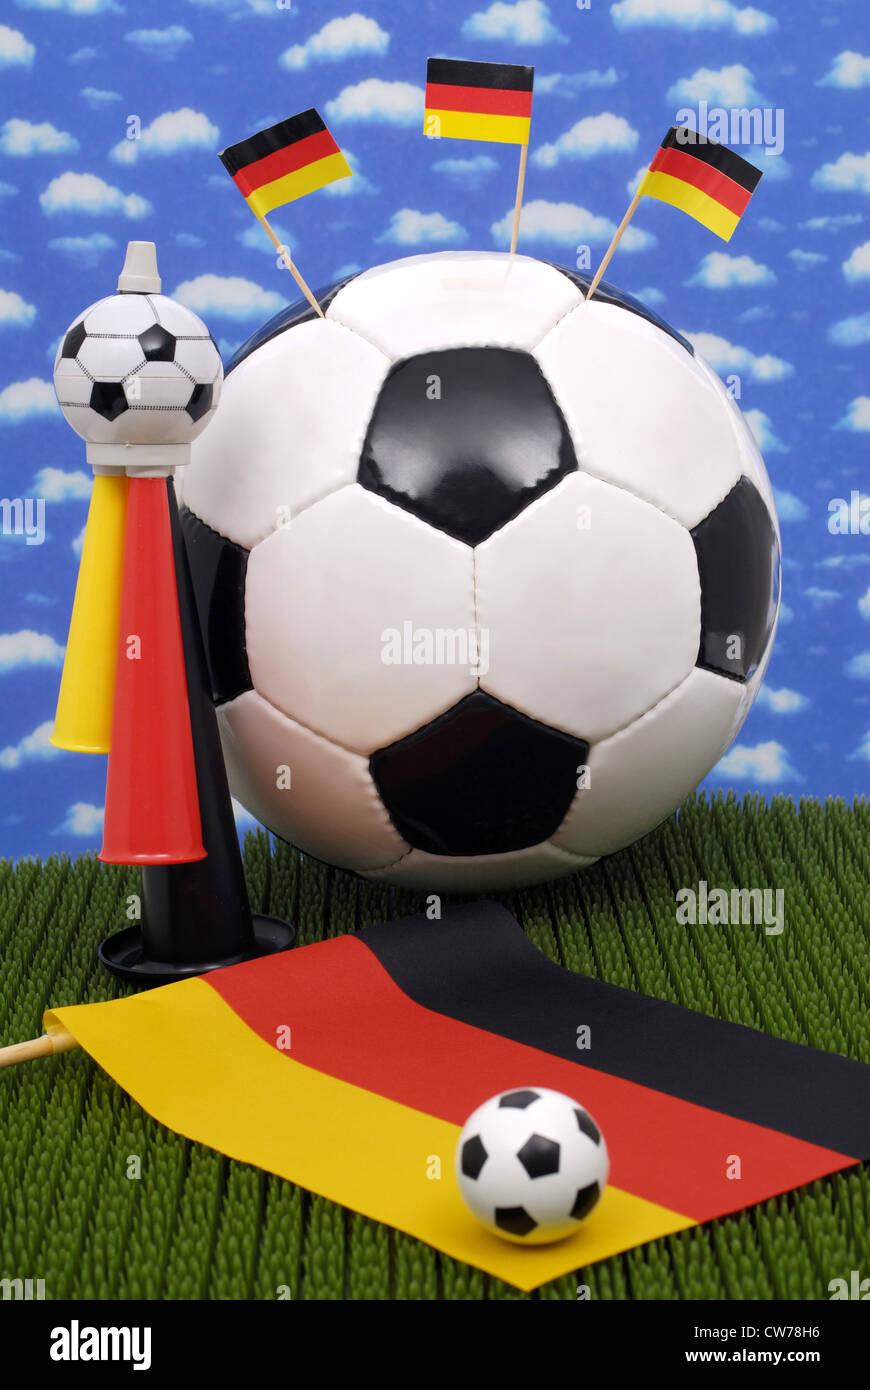 Ballons avec drapeaux allemands Banque D'Images